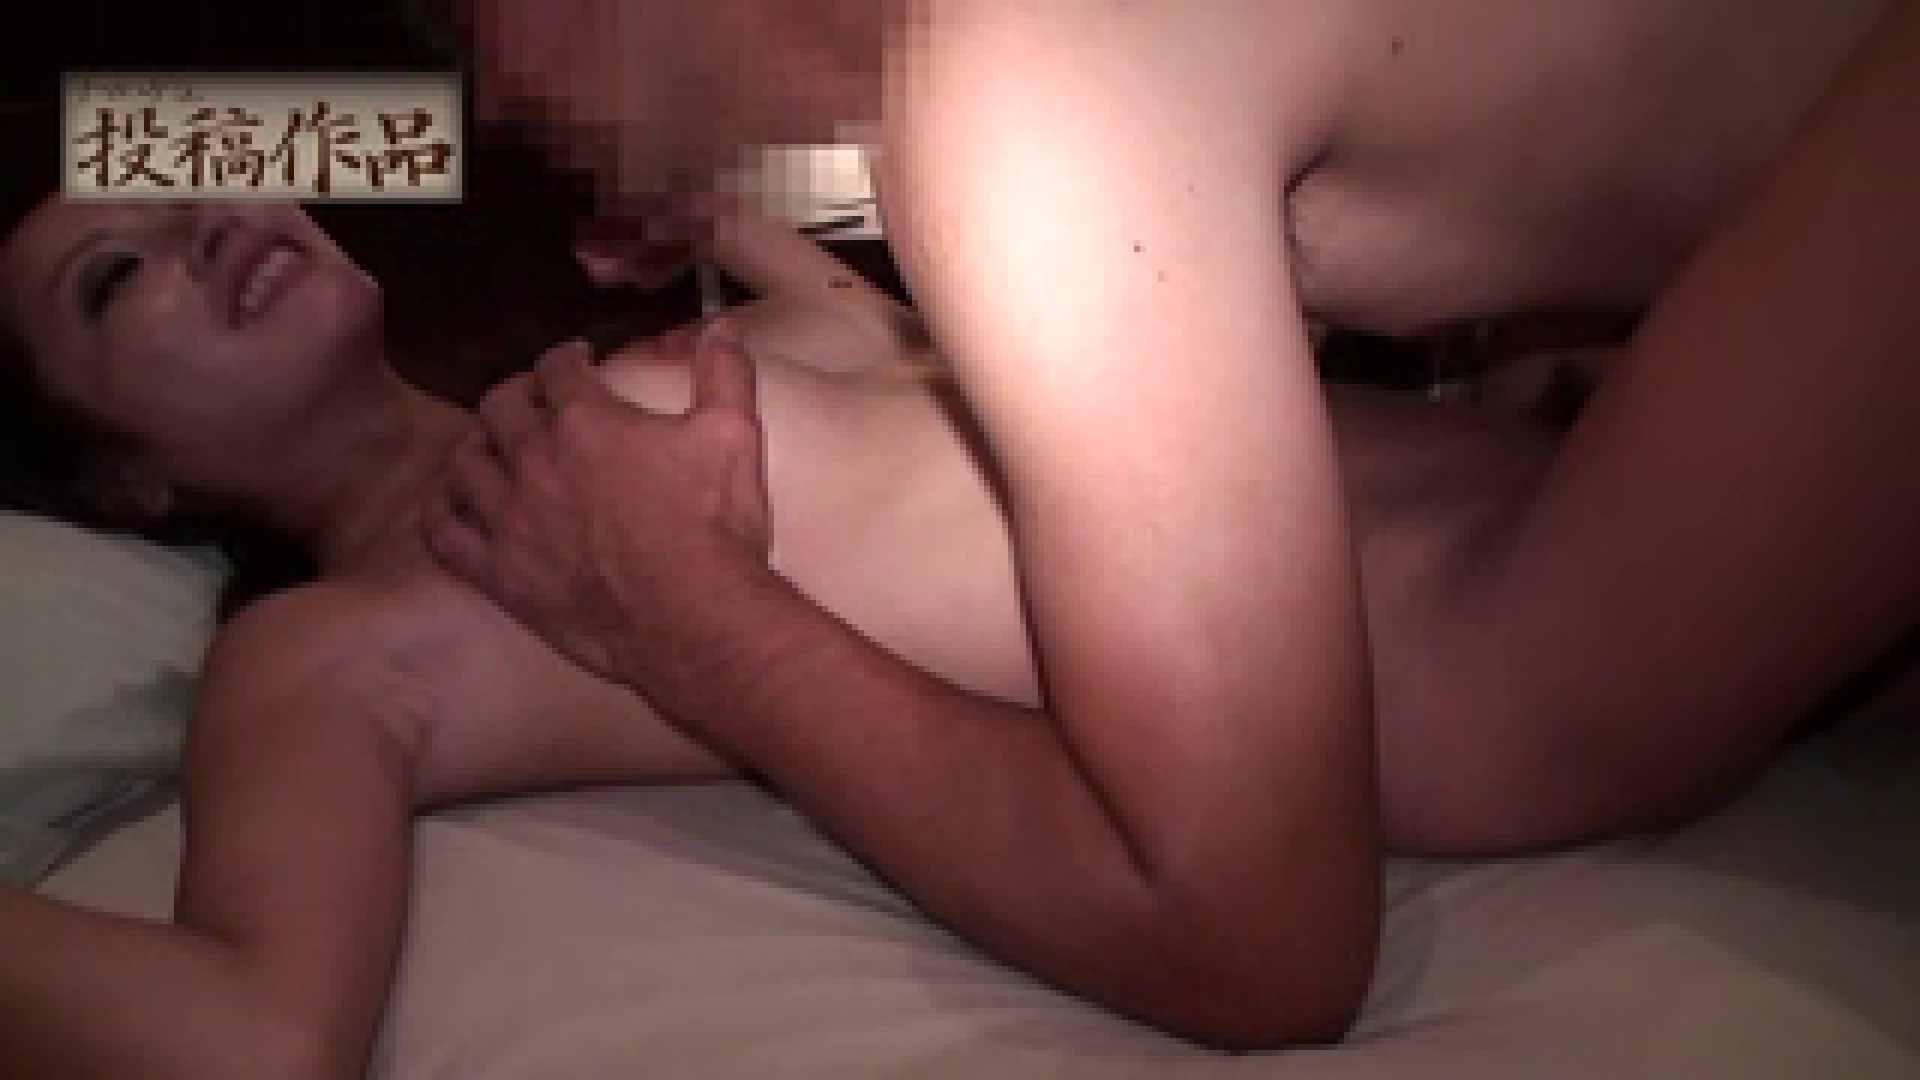 ナマハゲさんのまんこコレクション Fカップ美乳haru 一般投稿 盗み撮り動画 108pic 14